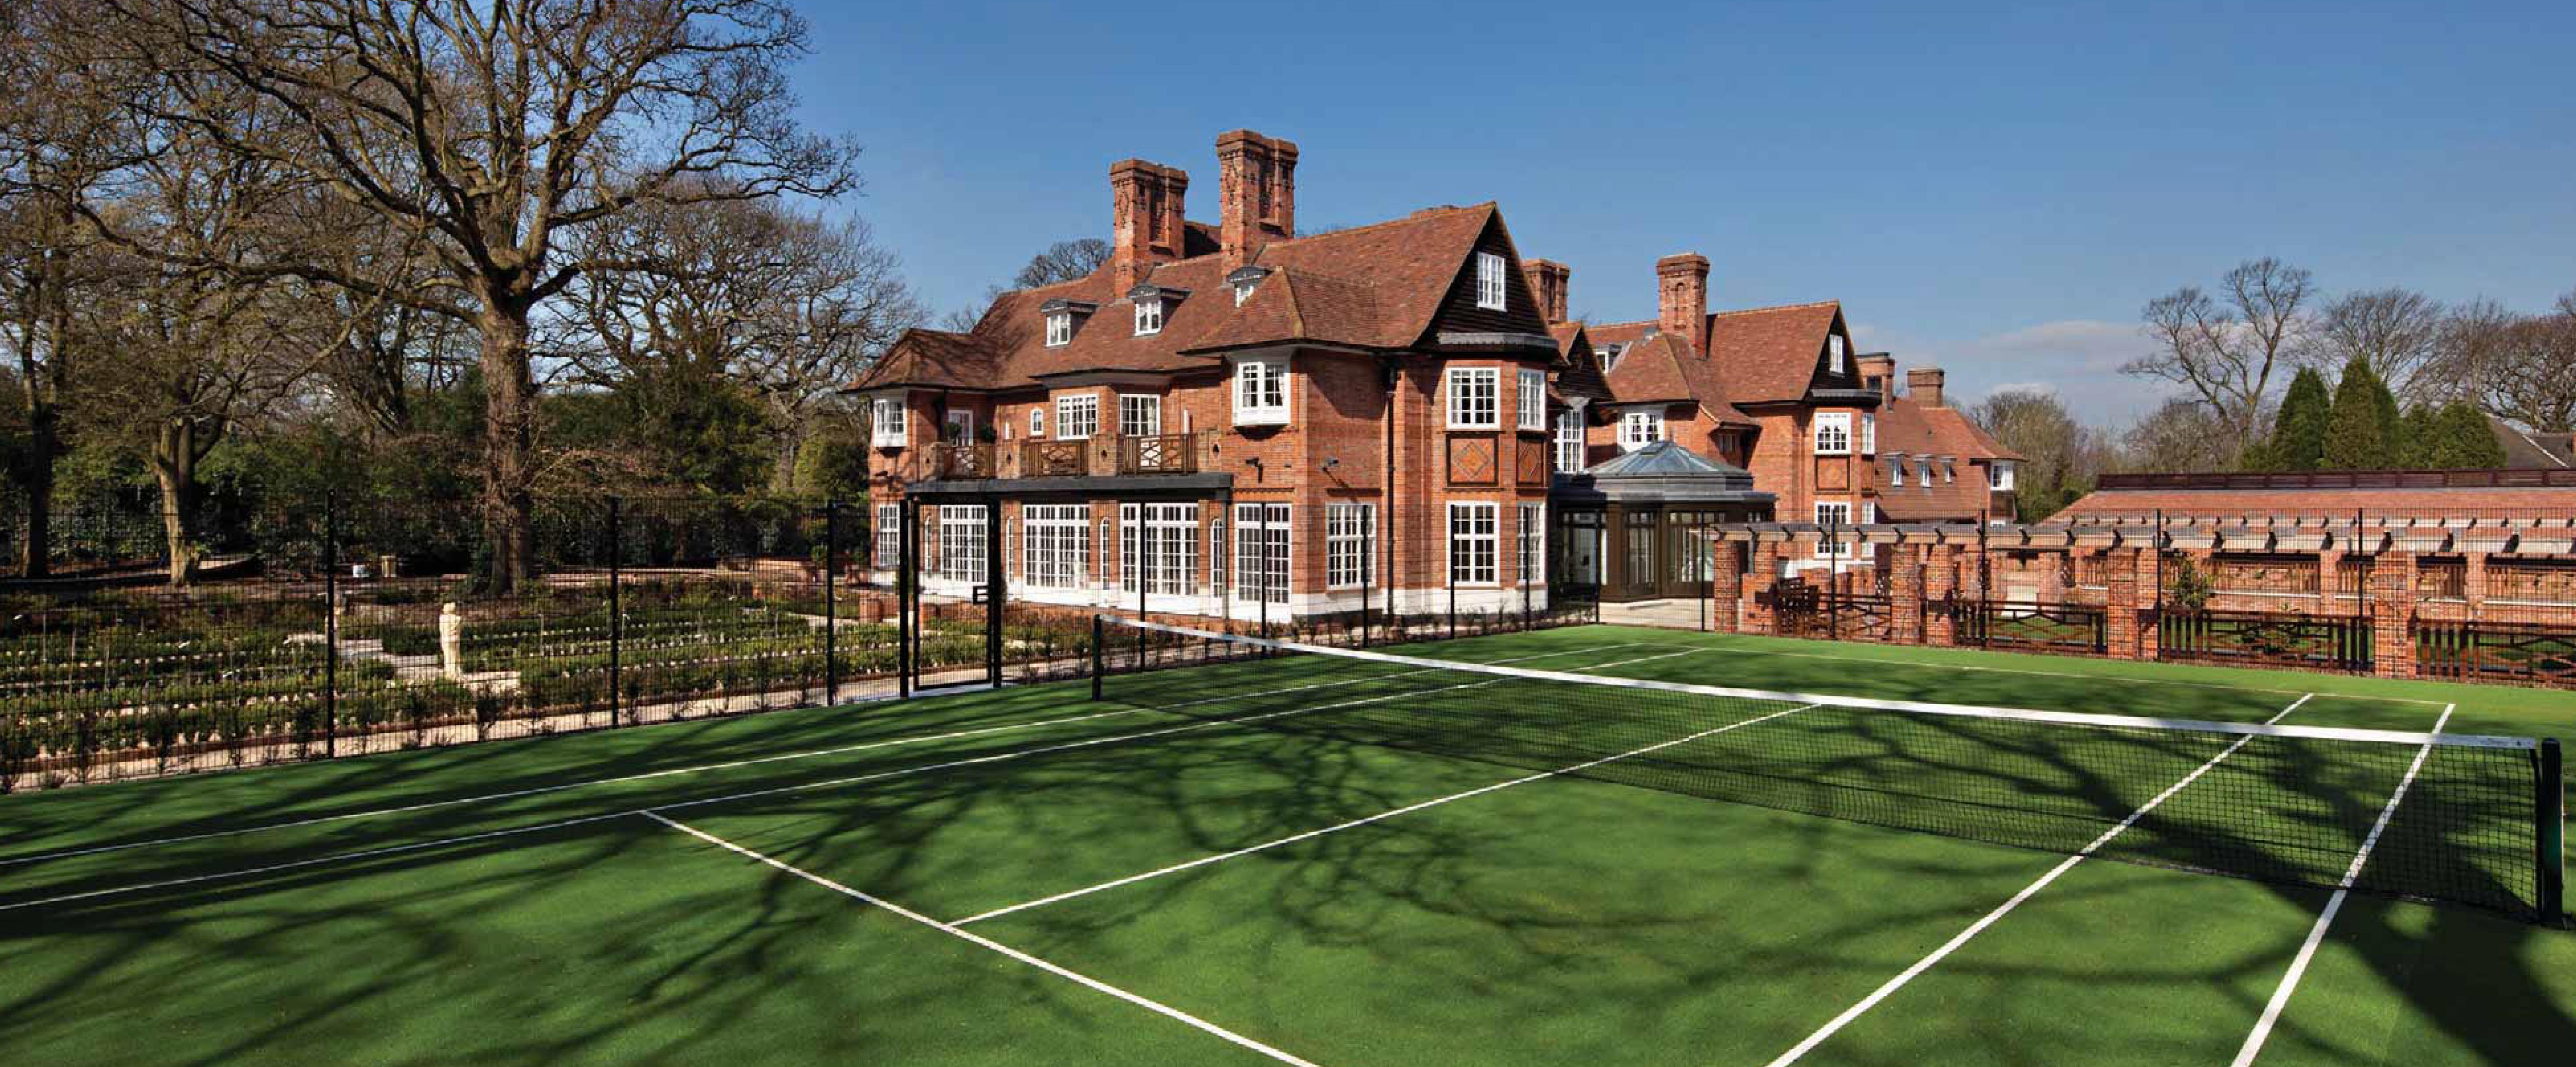 Bieber's new backyard. Tennis anyone?